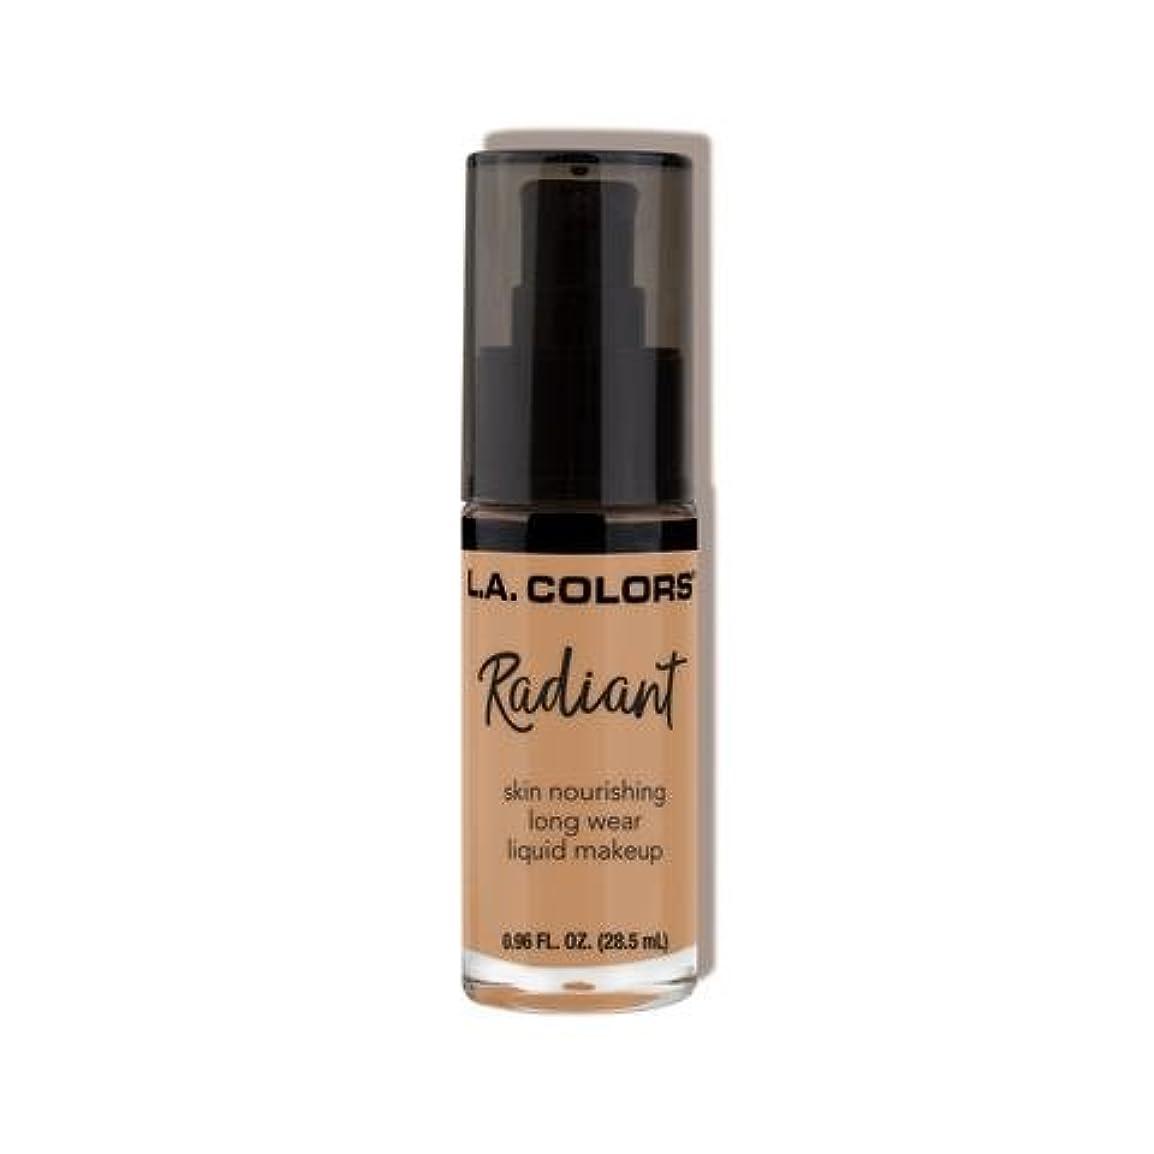 ナンセンス永久に用心深い(3 Pack) L.A. COLORS Radiant Liquid Makeup - Suede (並行輸入品)